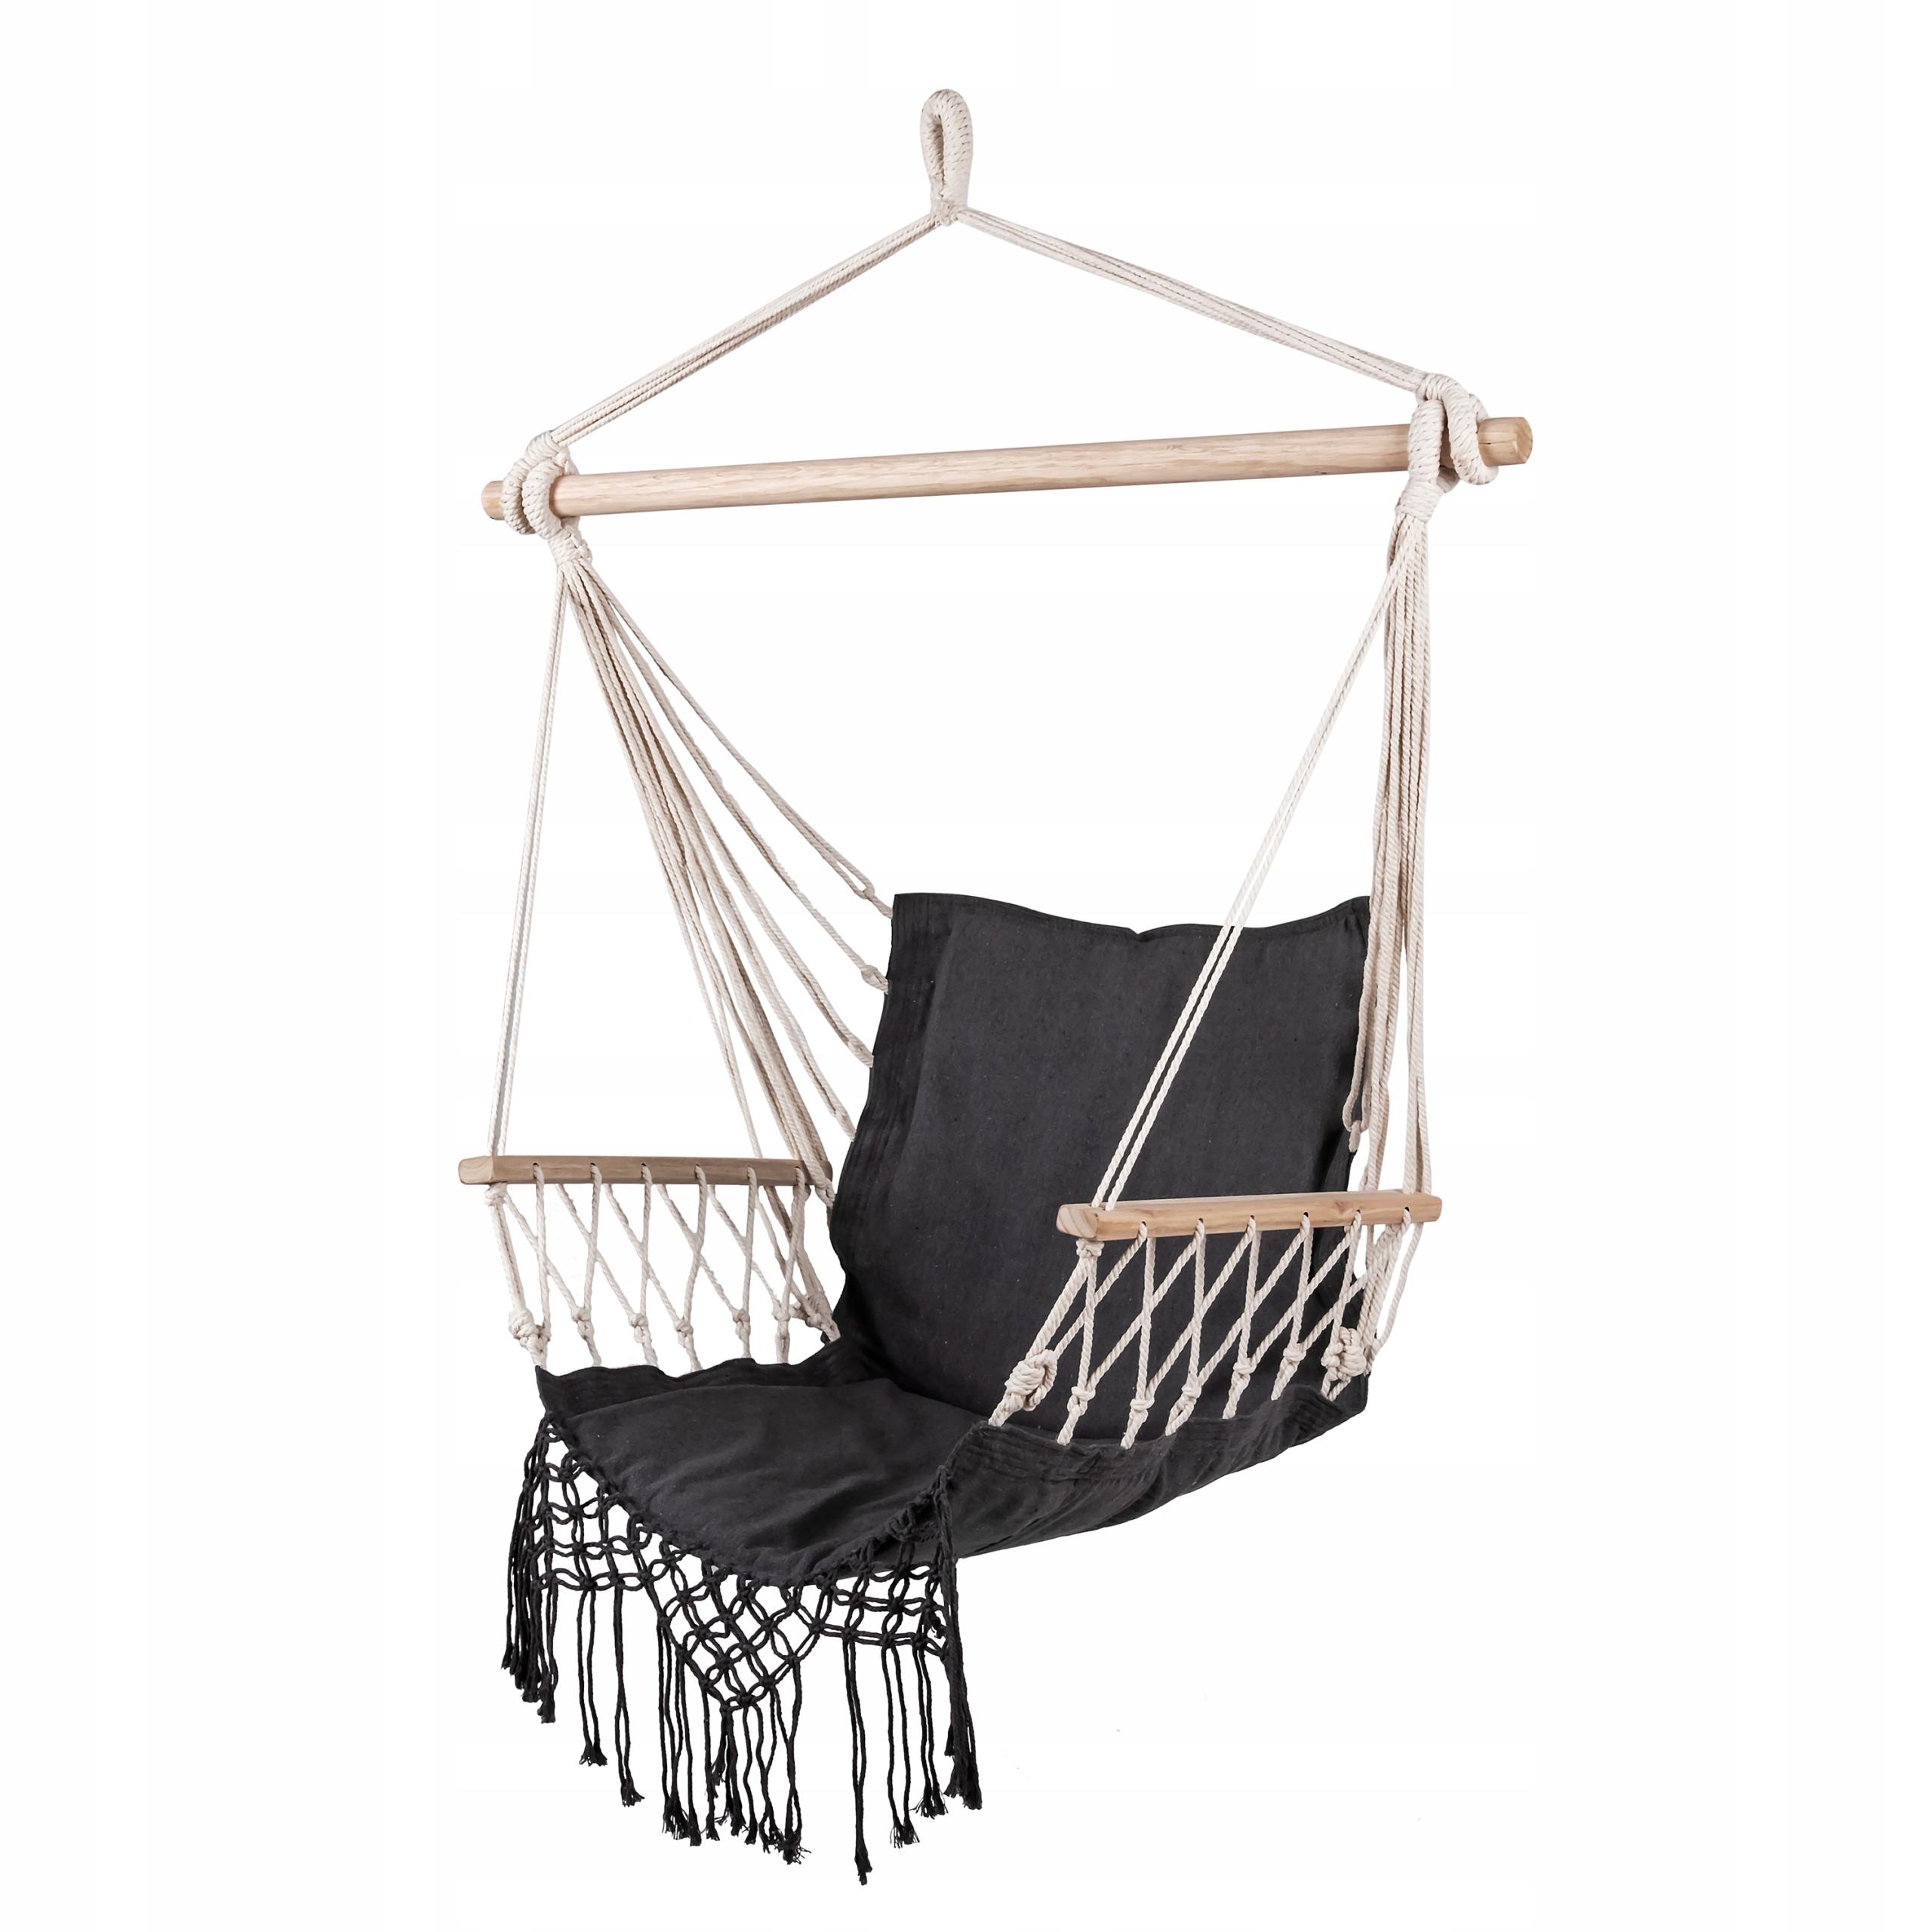 Krzesło wiszące BRAZYLIJSKIE HAMAK huśtawka COSTA Kod produktu ST-225